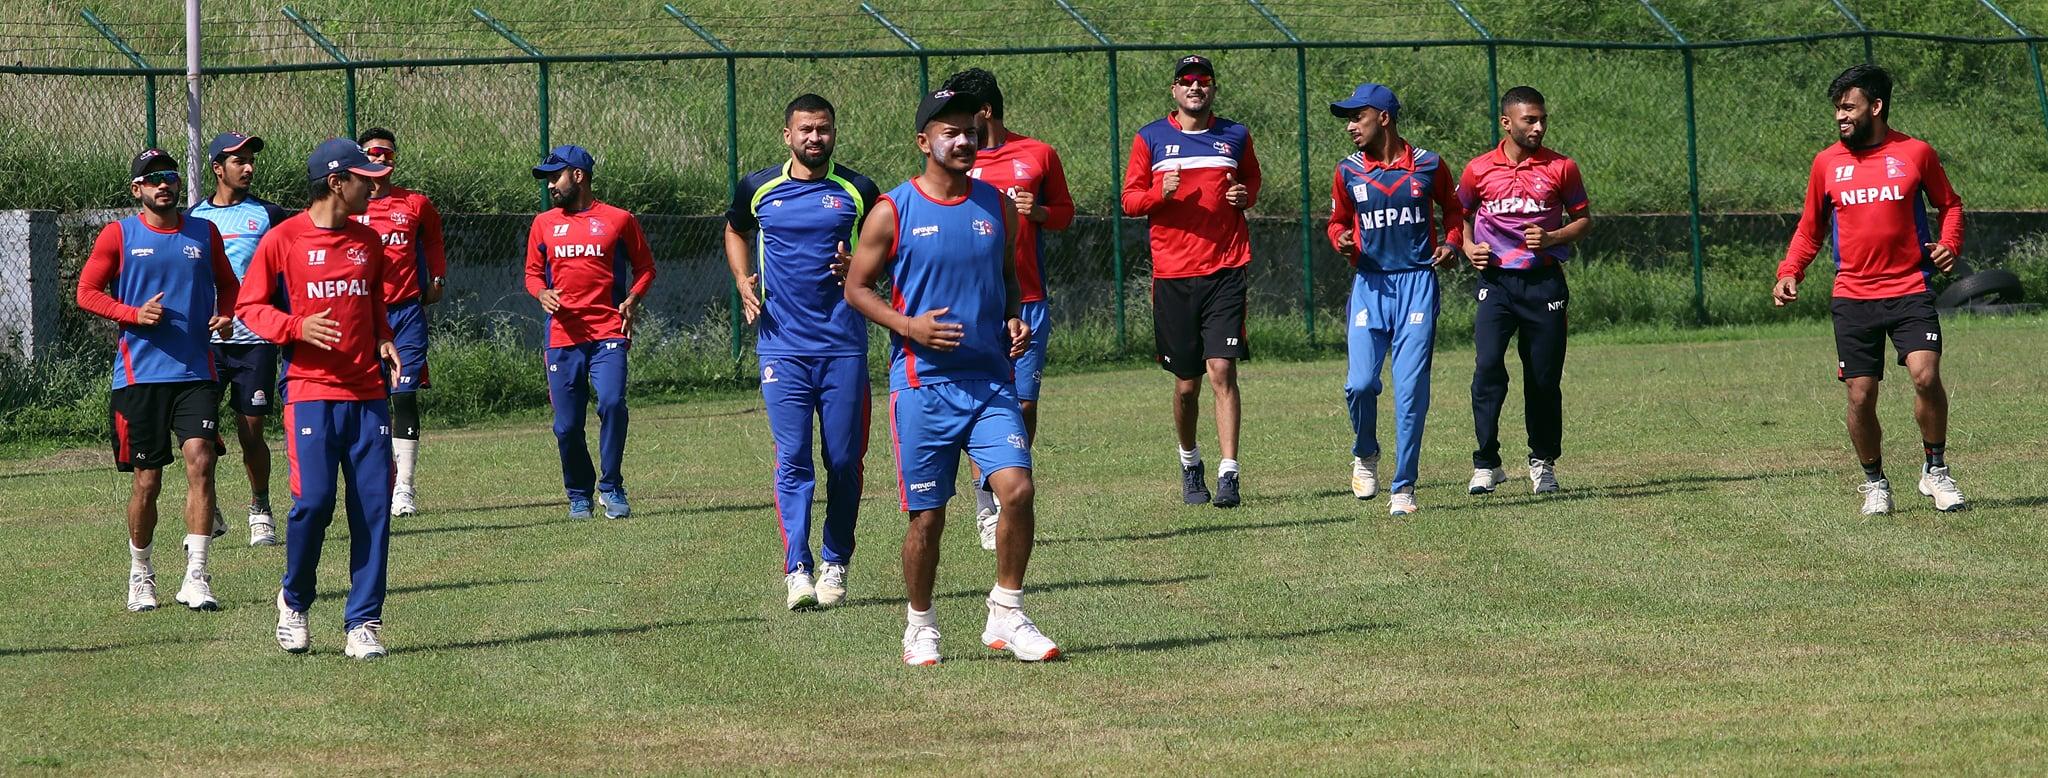 नेपाली क्रिकेट टिमको बन्द प्रशिक्षण स्थगित